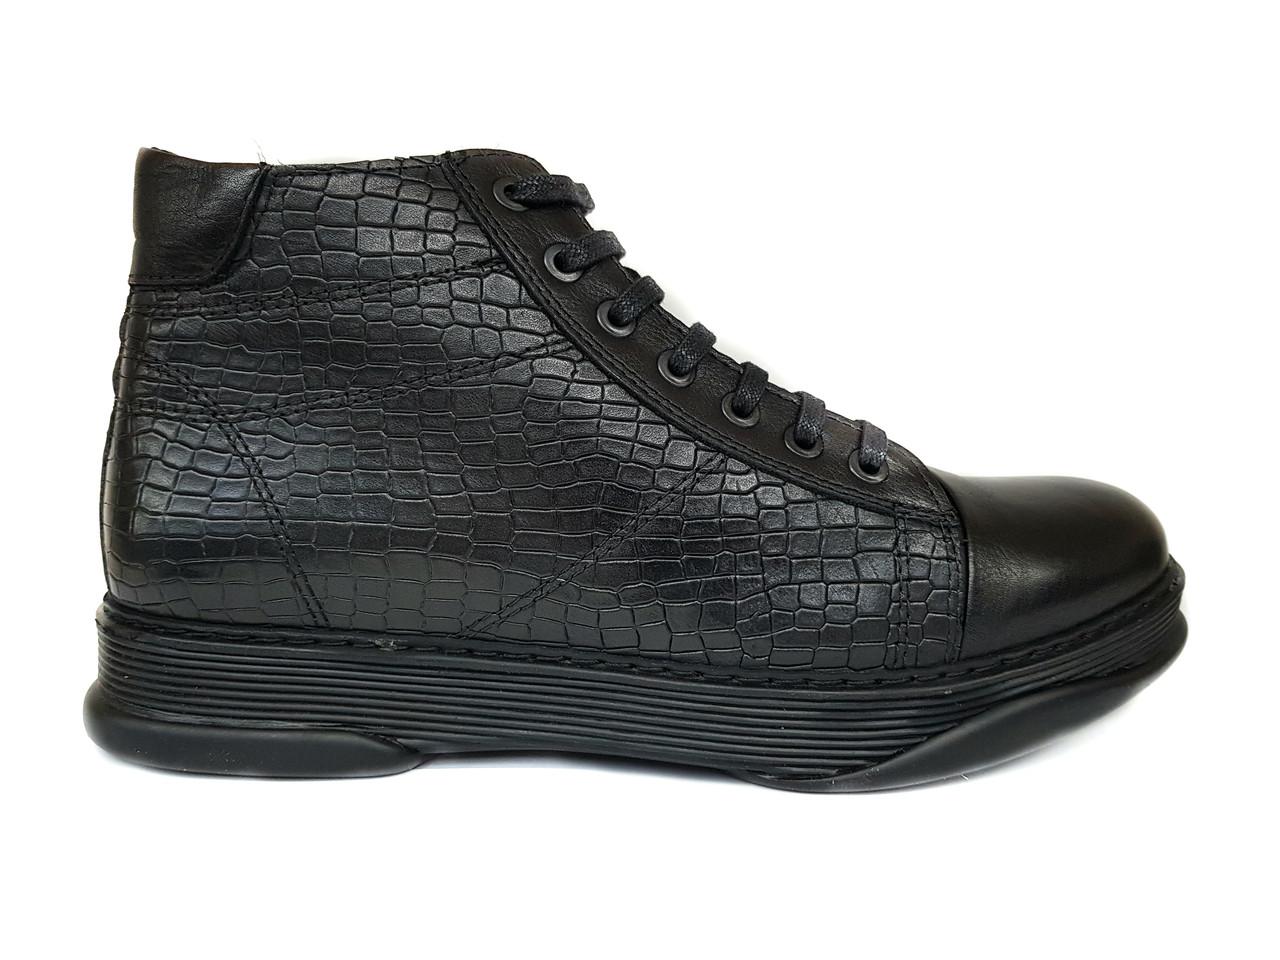 Зимние мужские кожаные ботинки Luciano Bellini черные, на цигейке B0001